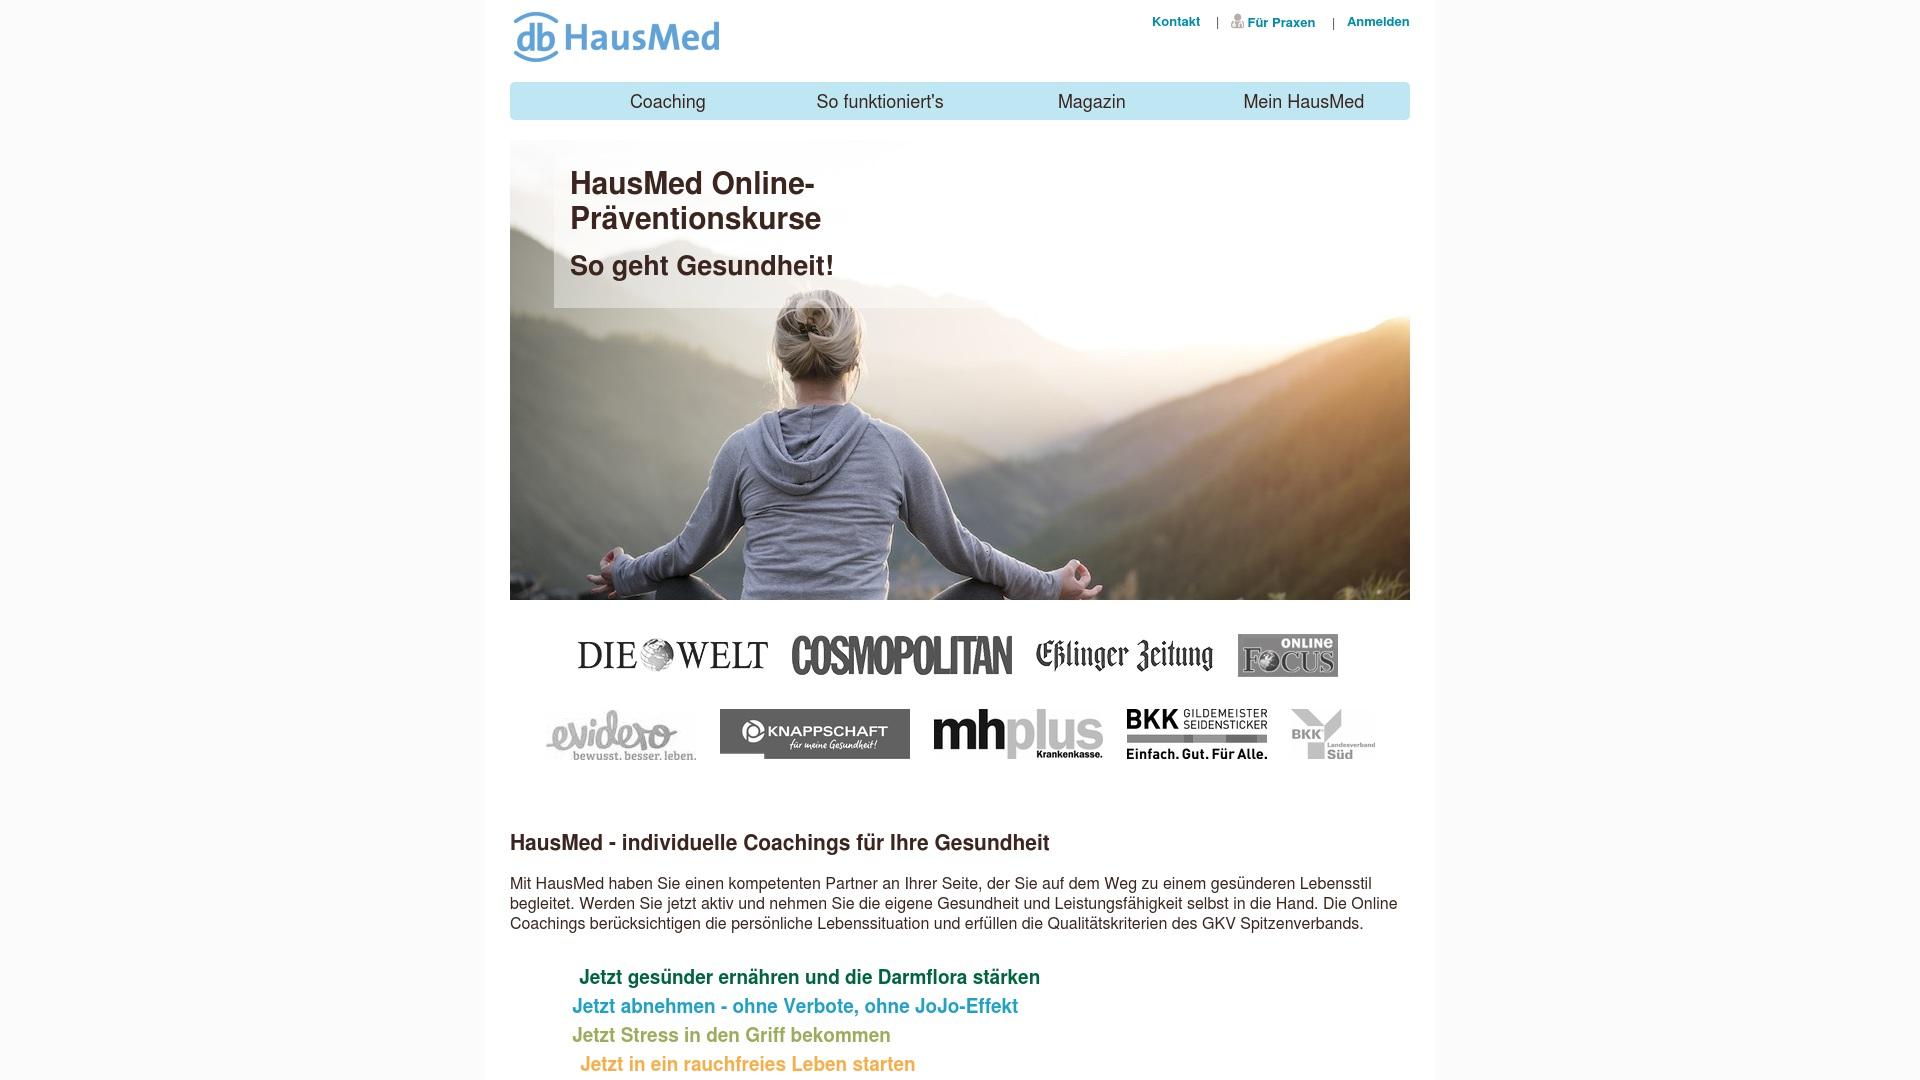 Gutschein für Hausmed: Rabatte für  Hausmed sichern